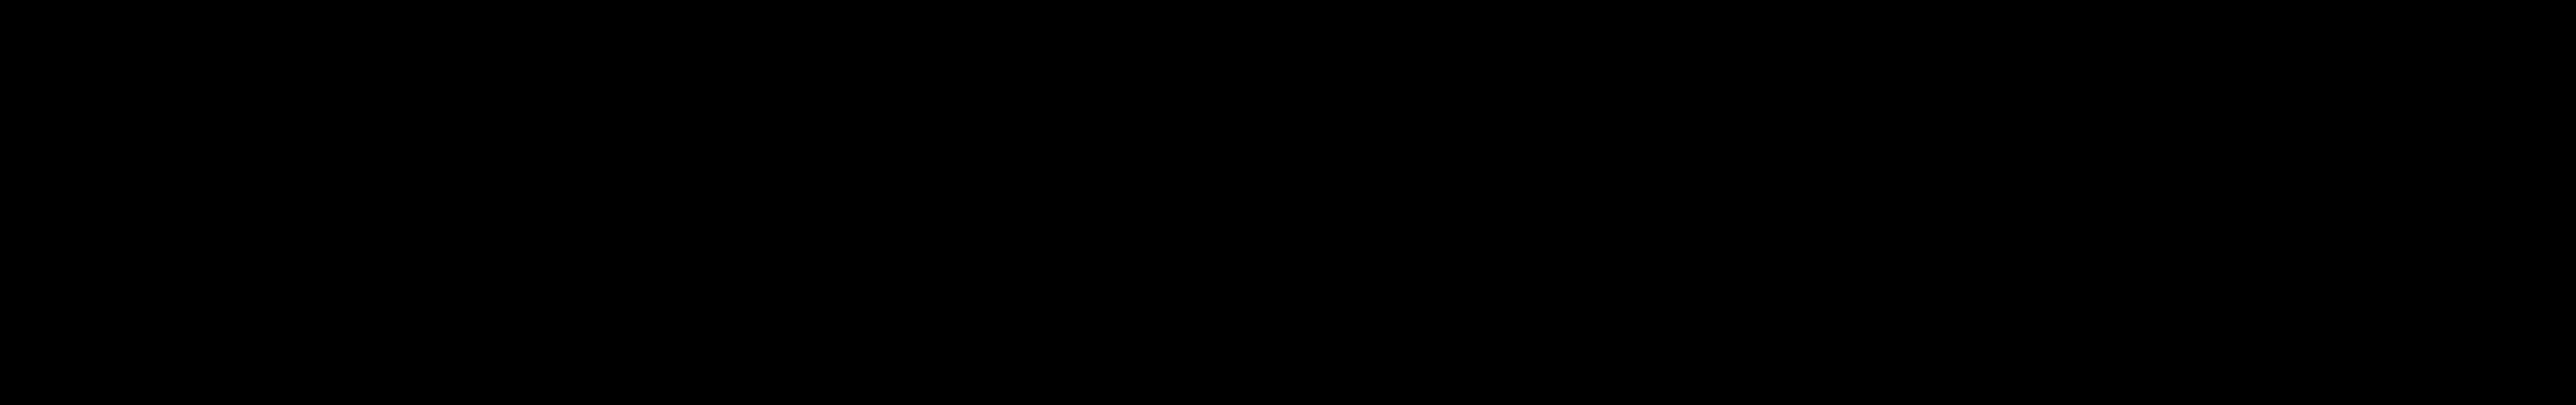 Logo Strandvägen, Östermalm - @strandvagen - strandvagen.com